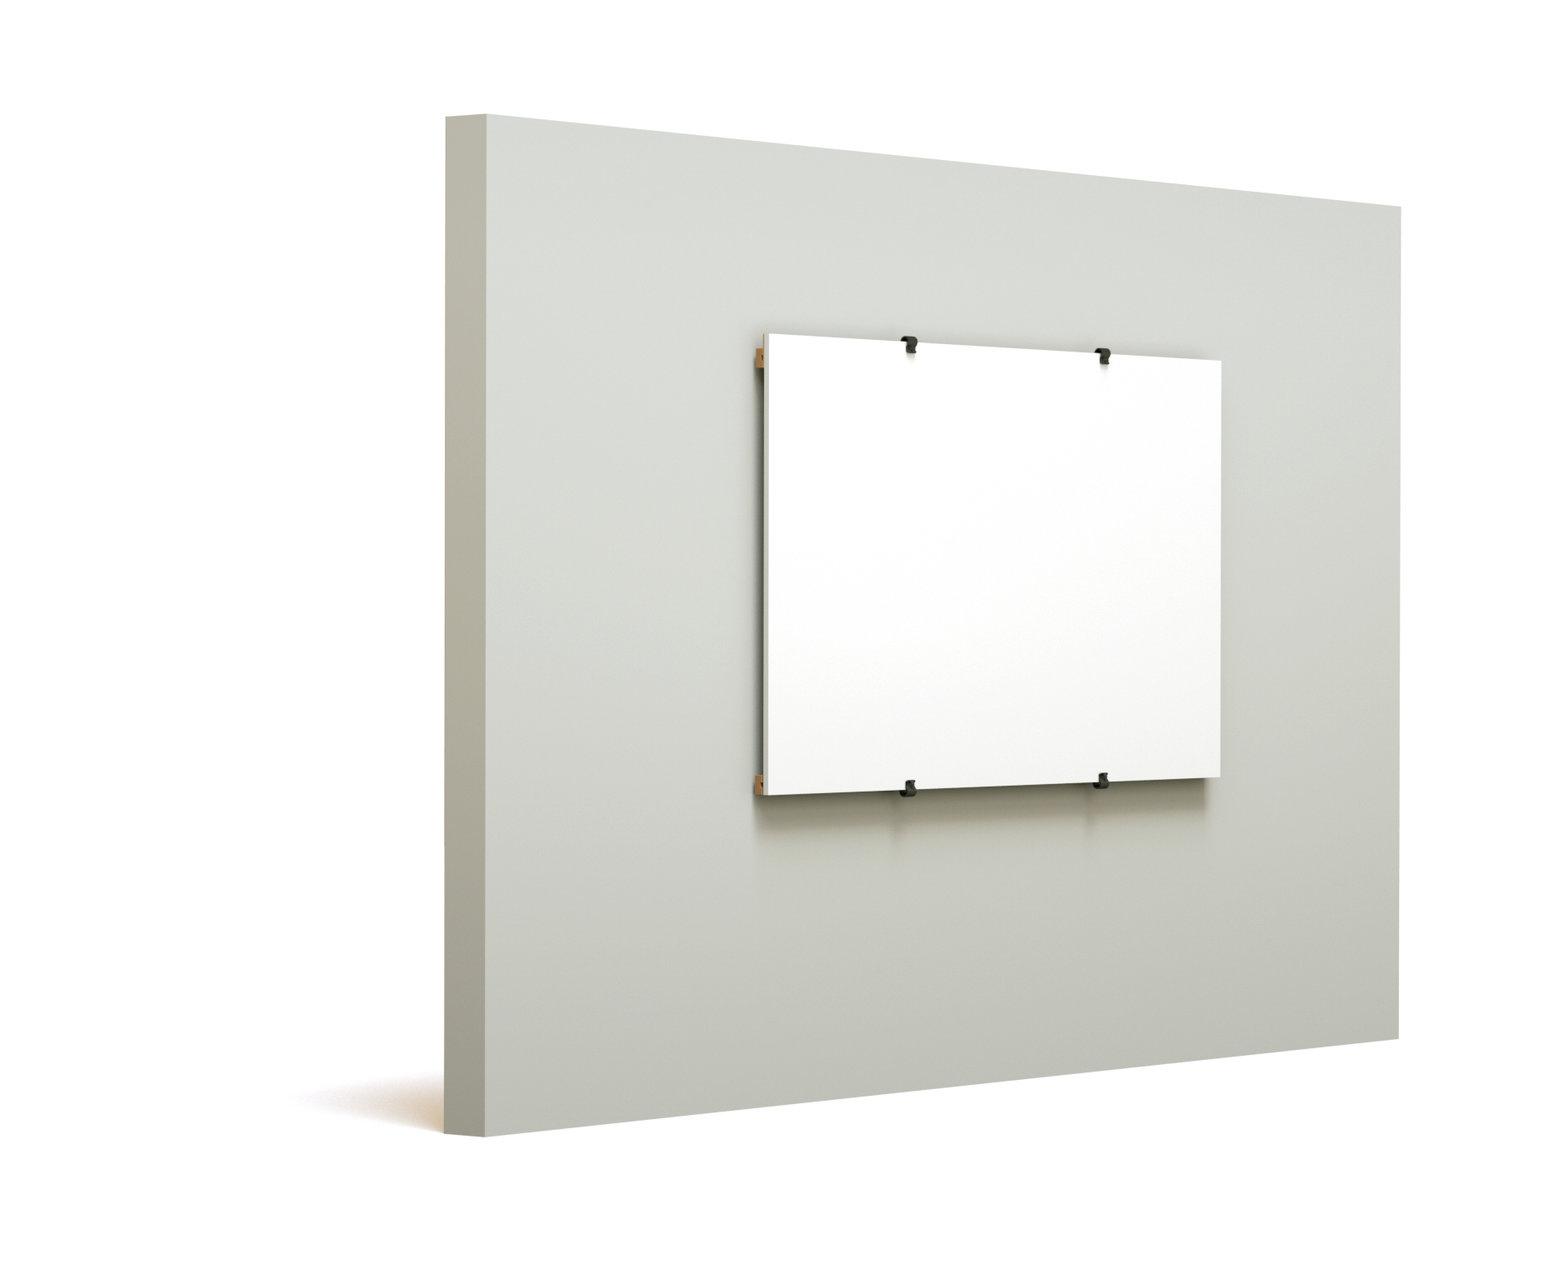 Austauschbare Whiteboards und Pinboards in Hoch- und Querformat für Wandmontage